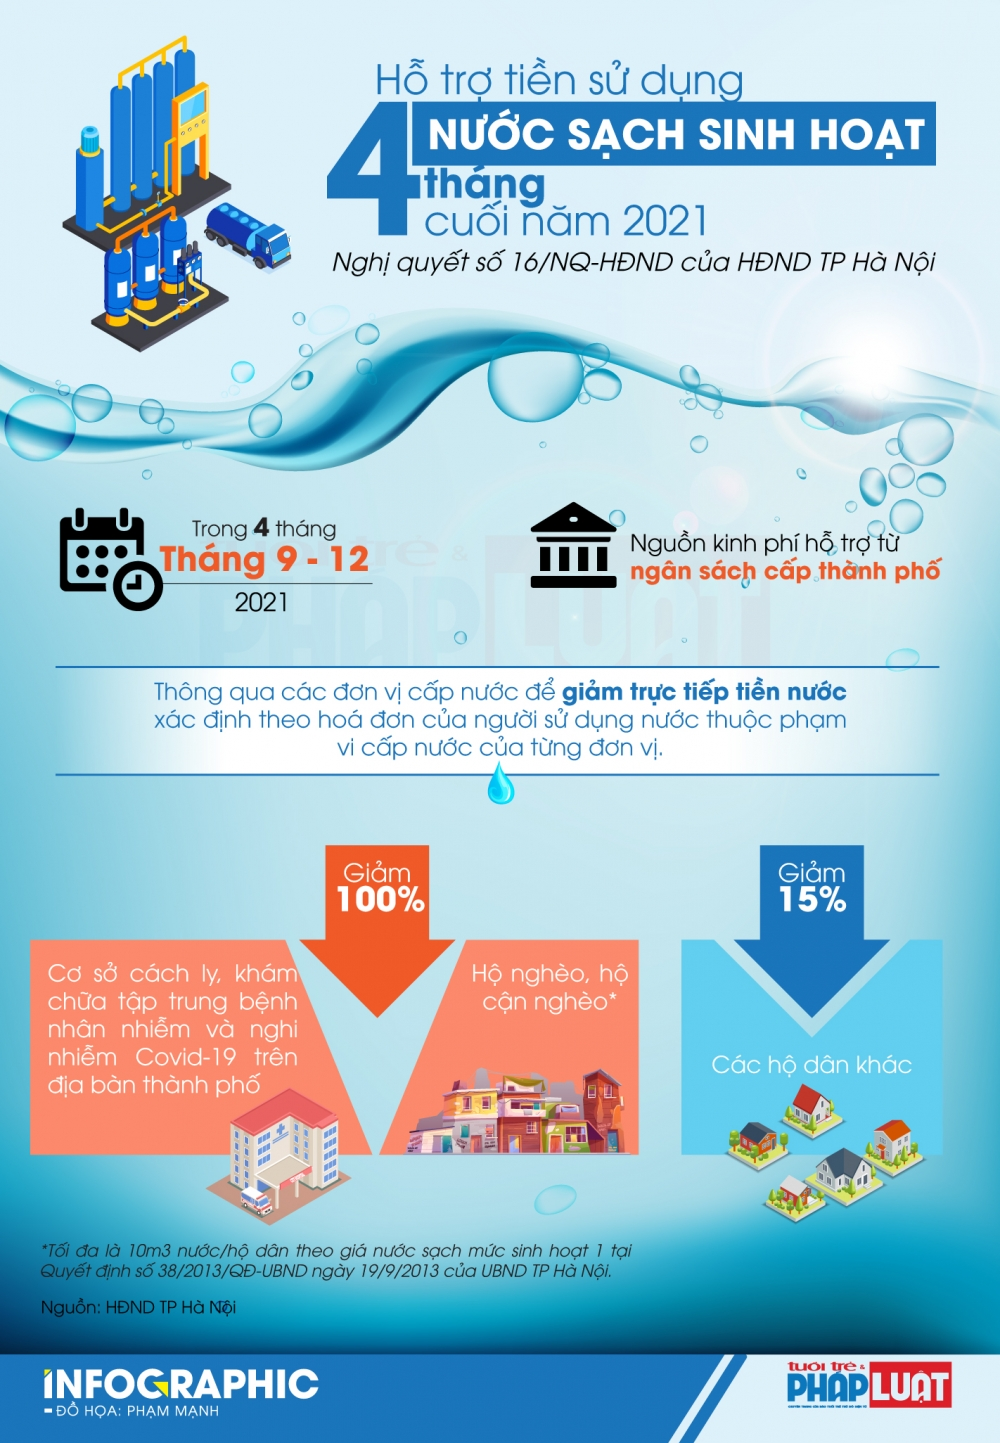 TP Hà Nội giảm tiền nước sạch cho người dân trong 4 tháng